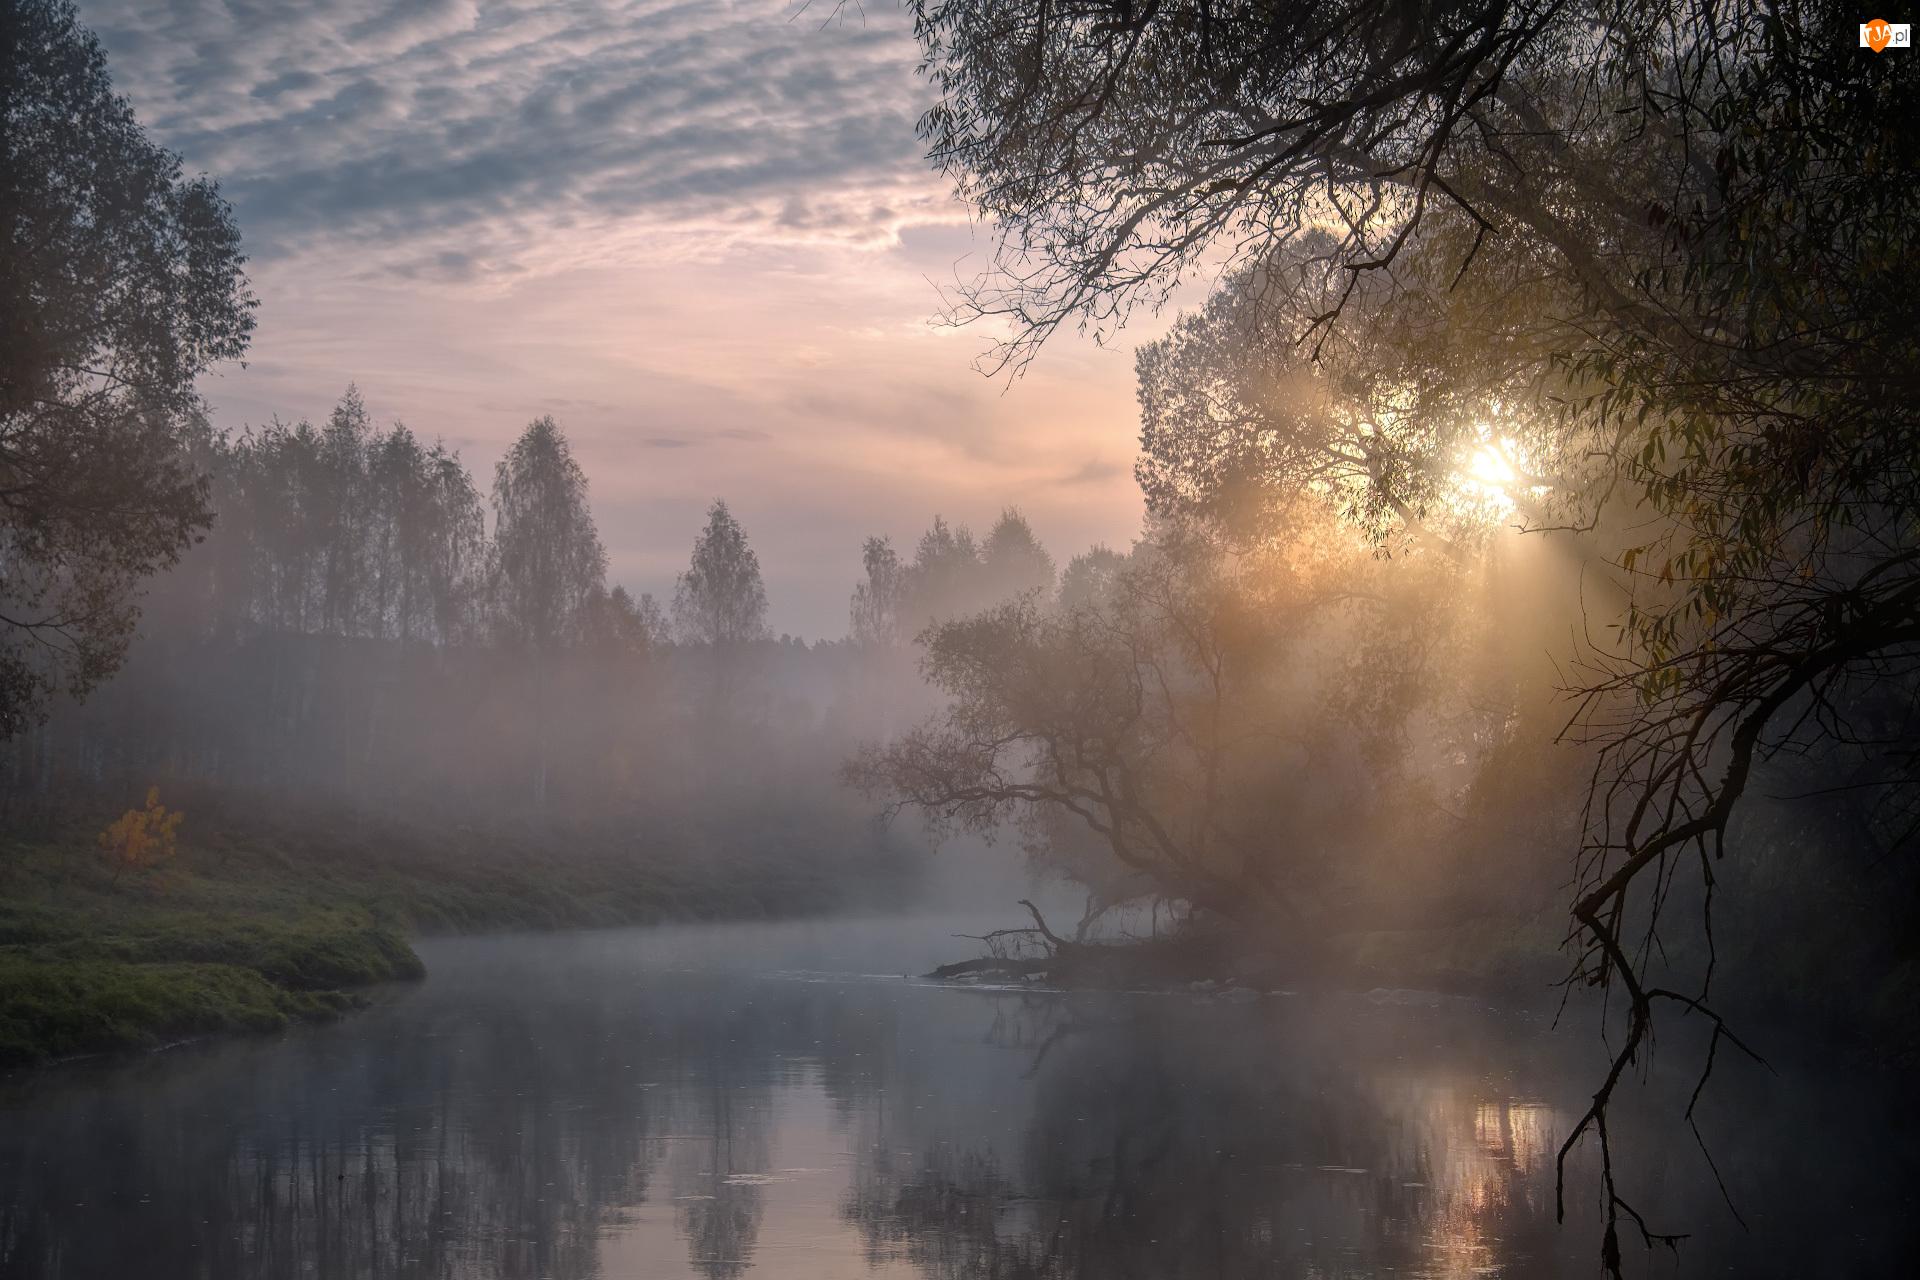 Przebijające światło, Mgła, Rosja, Wschód słońca, Obwód moskiewski, Drzewa, Rzeka Istra